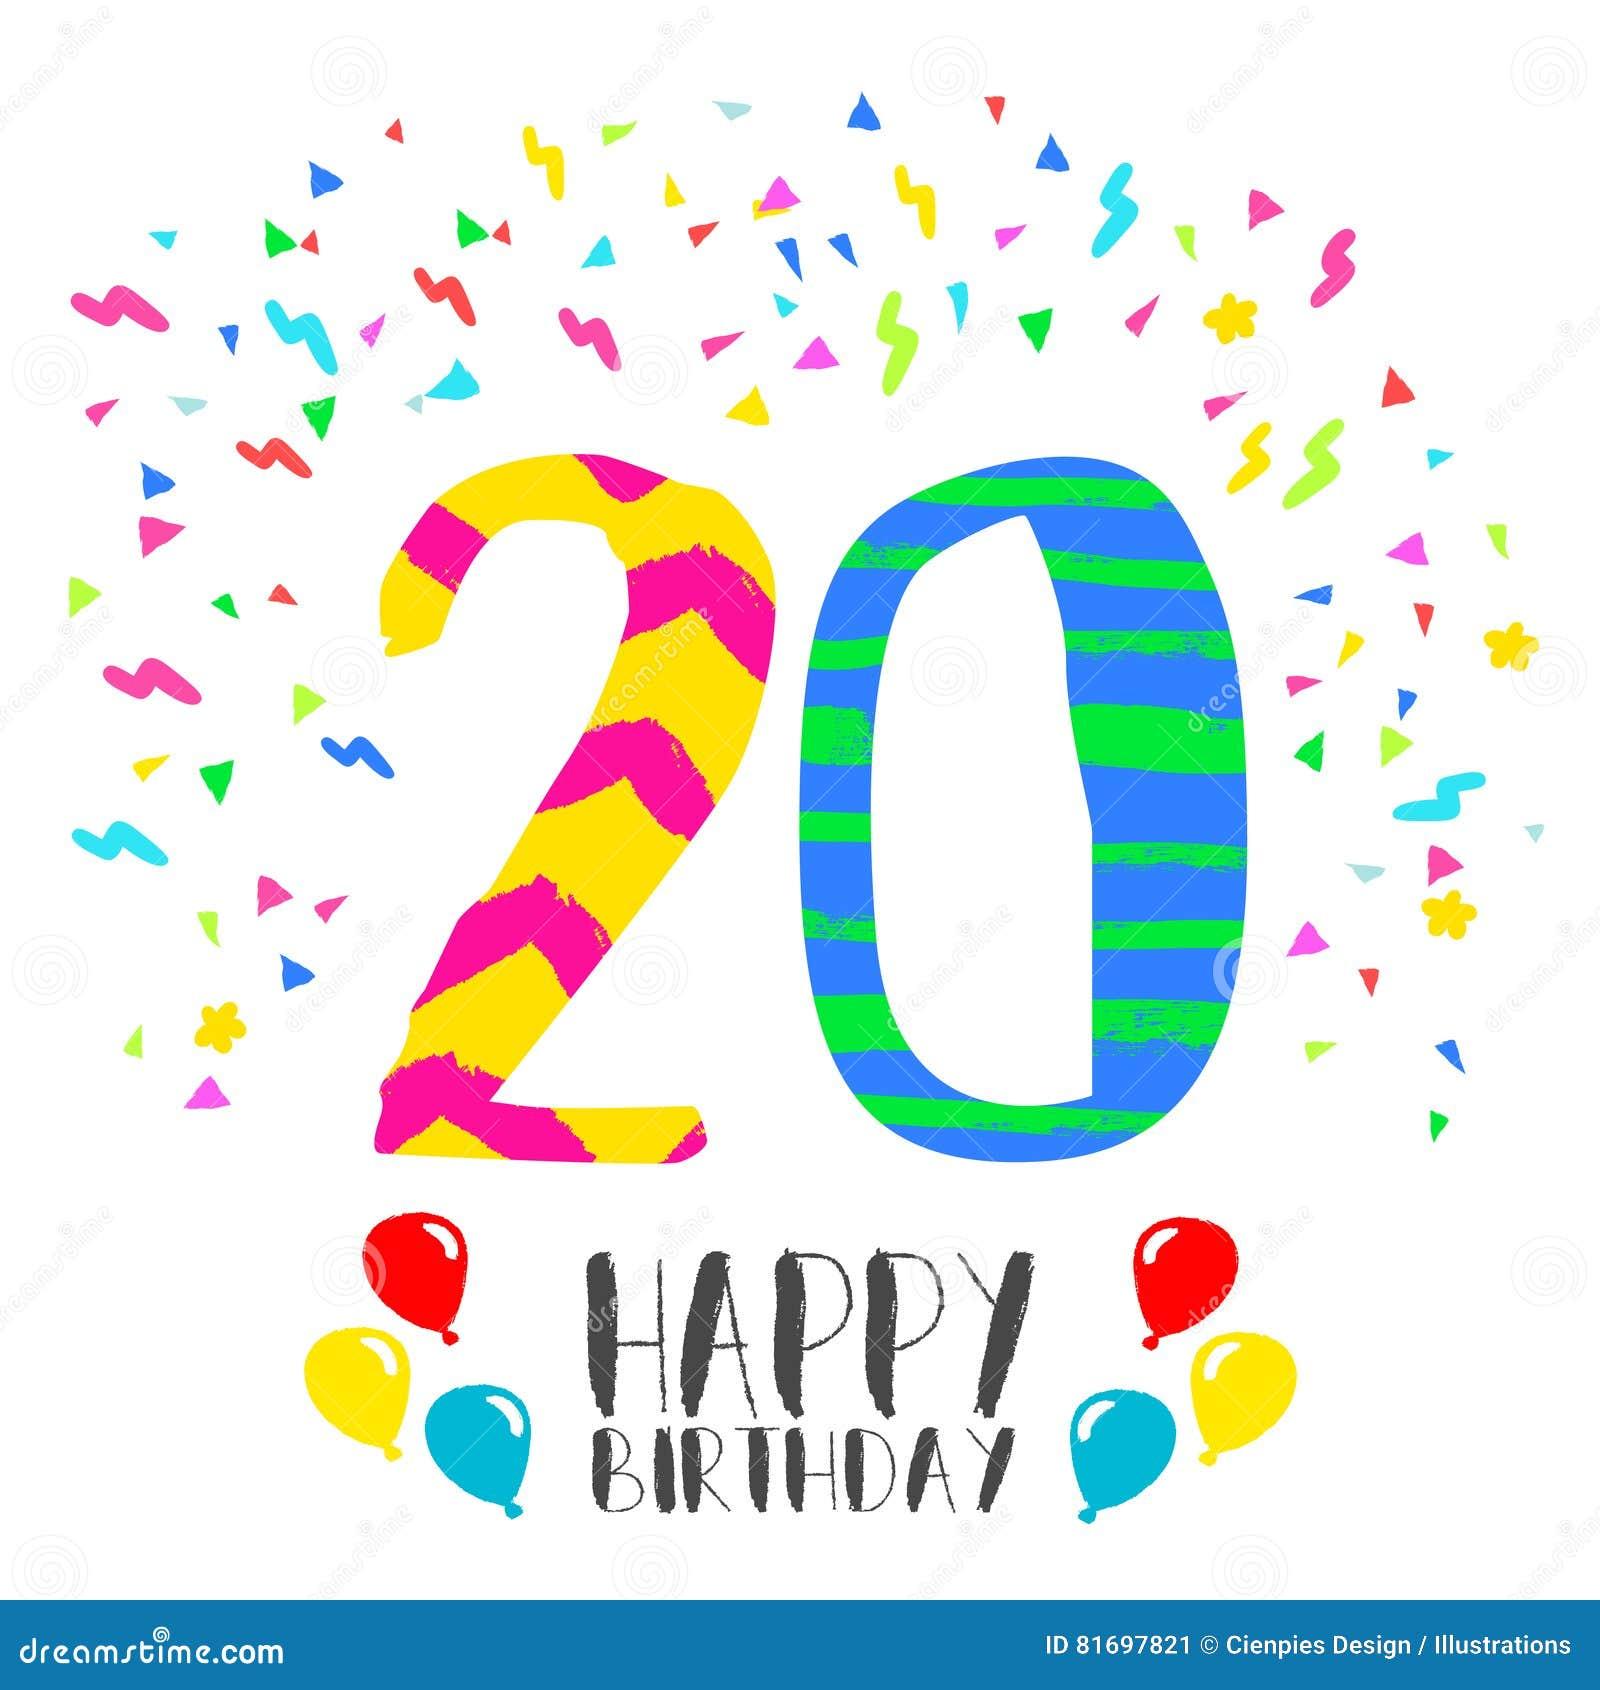 20 års kort Lycklig Födelsedag För Kort För 20 år Partiinbjudan Vektor  20 års kort